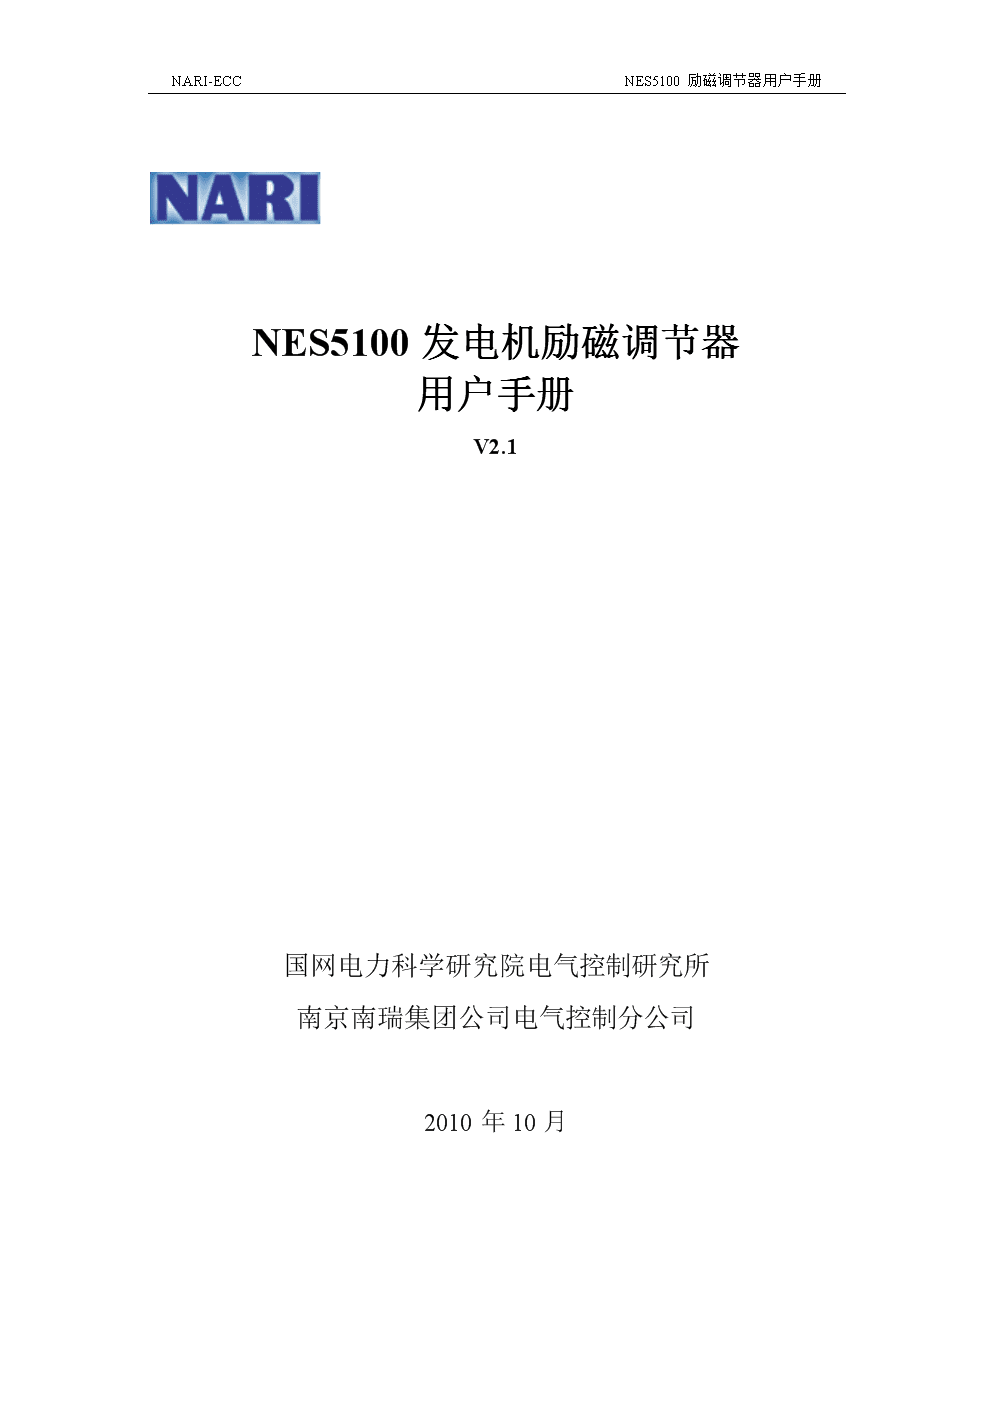 南瑞NES5100励磁调节器用户手册V2.120100325.doc